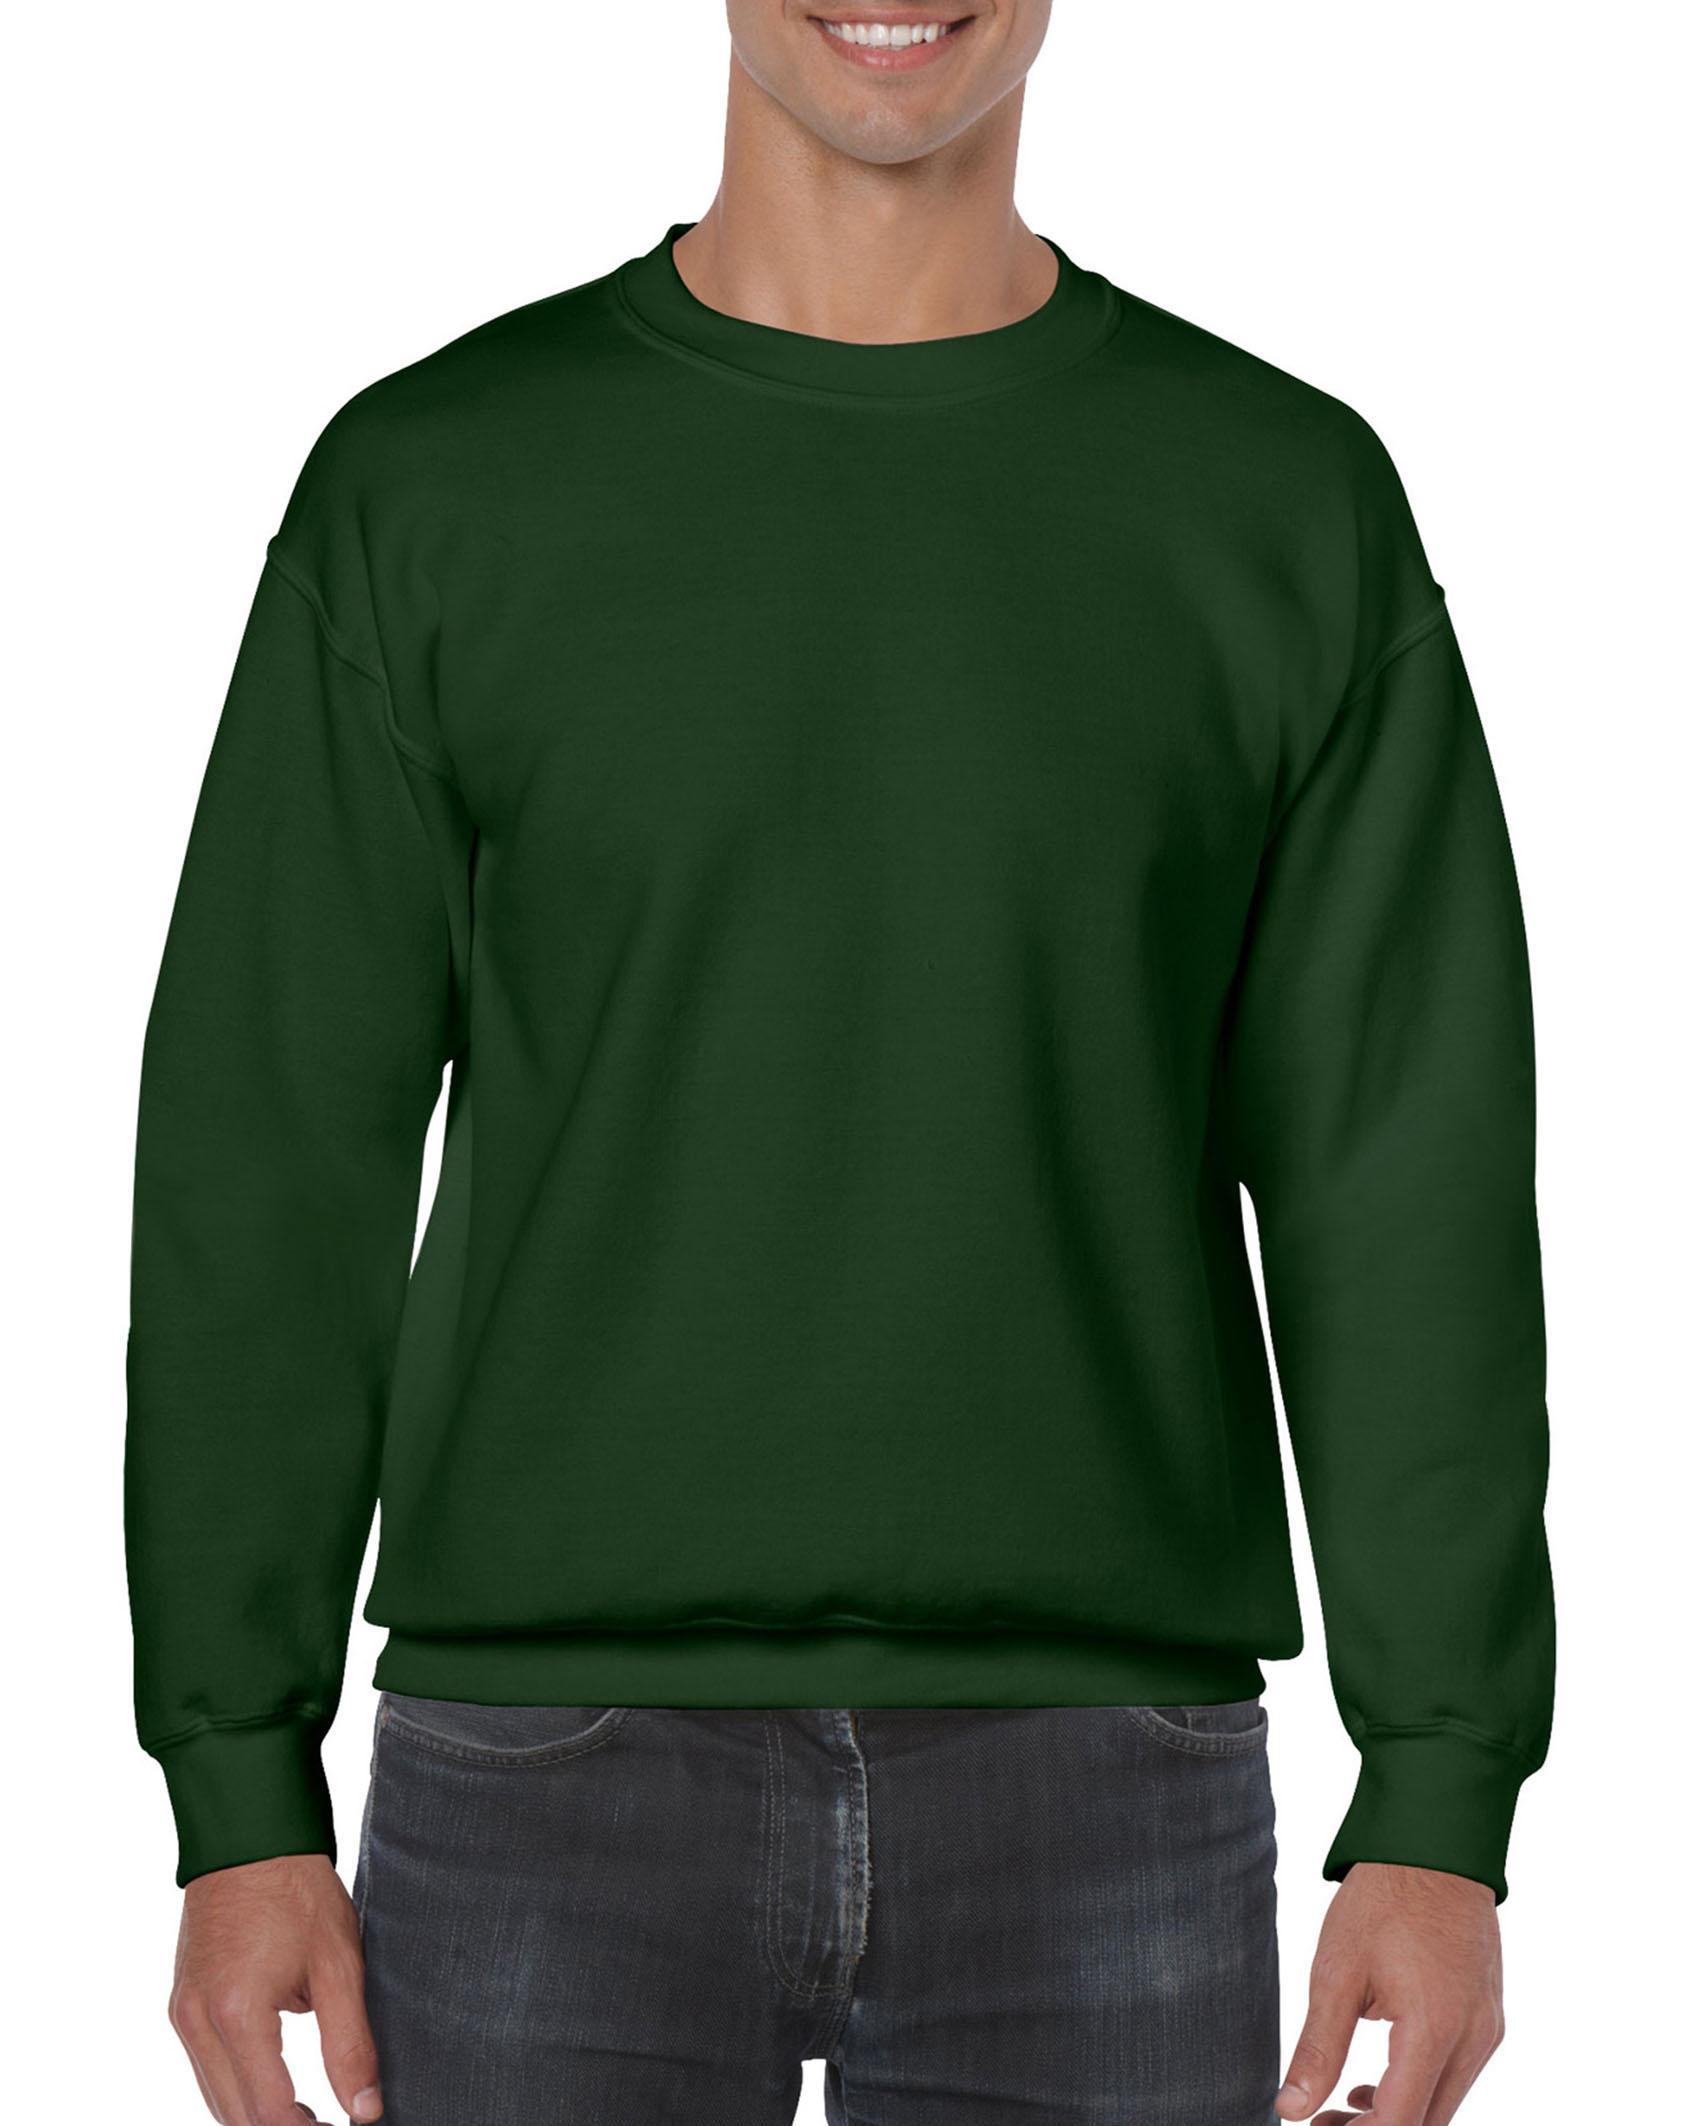 25St Gildan Sweater incl. 1k opdruk (Forest Green)